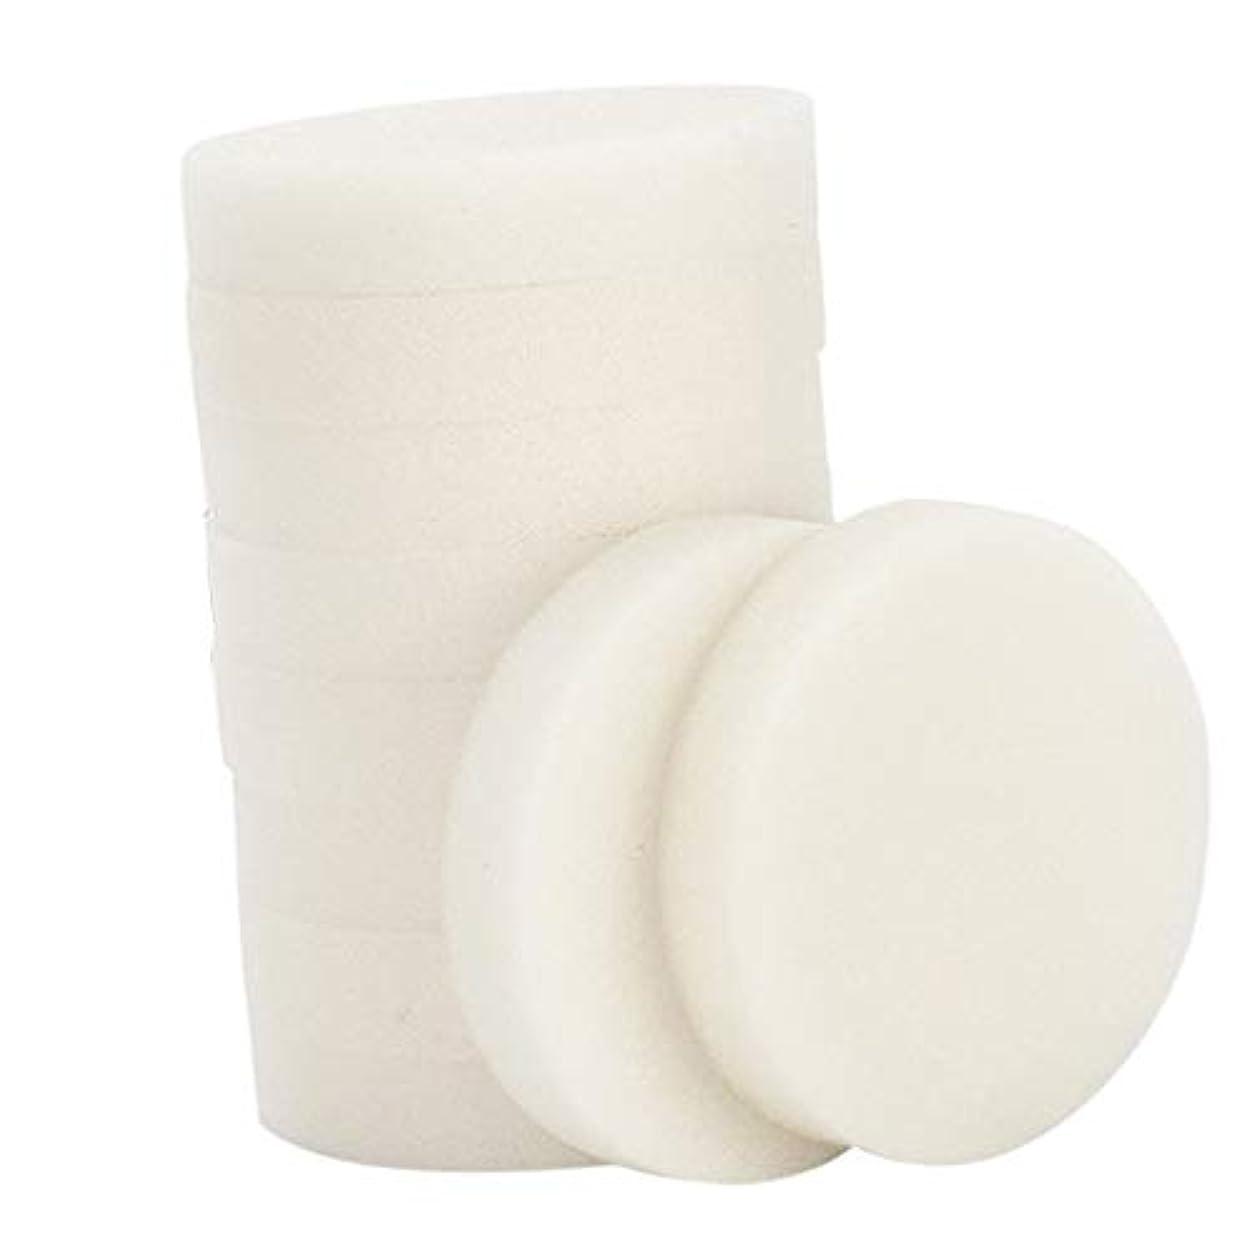 起きるリングレット正確さP Prettyia 10個 メイク落とし 使い捨て 洗顔パフ 通気性 洗顔スポンジ メイクアップパフ 2サイズ選べ - 小